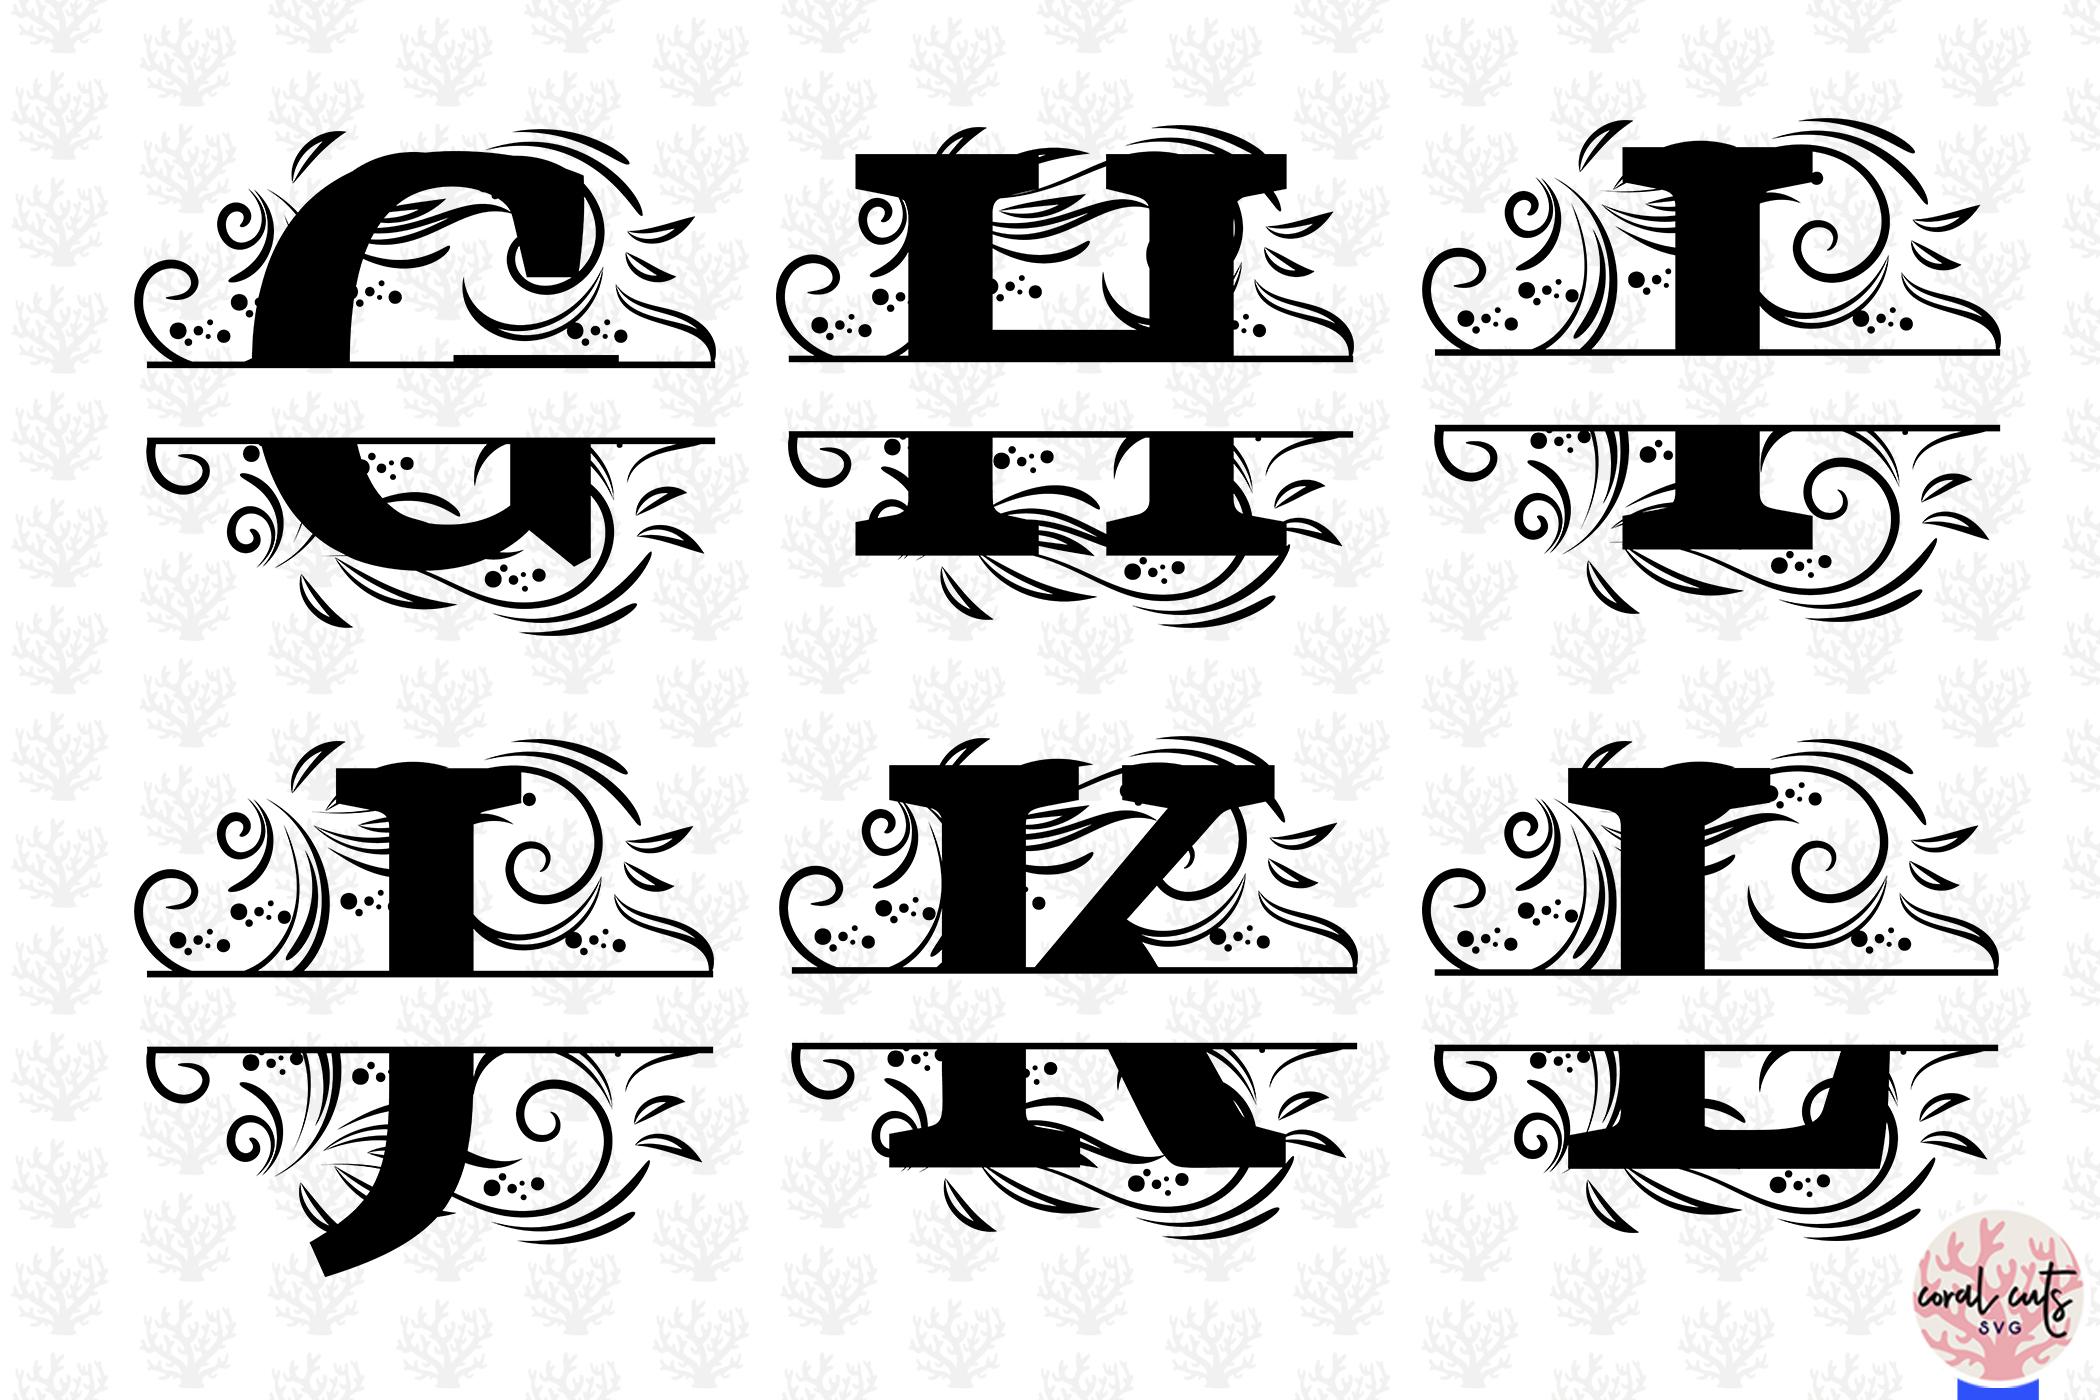 Floral Split Alphabet Monogram - Svg EPS DXF PNG File example image 3